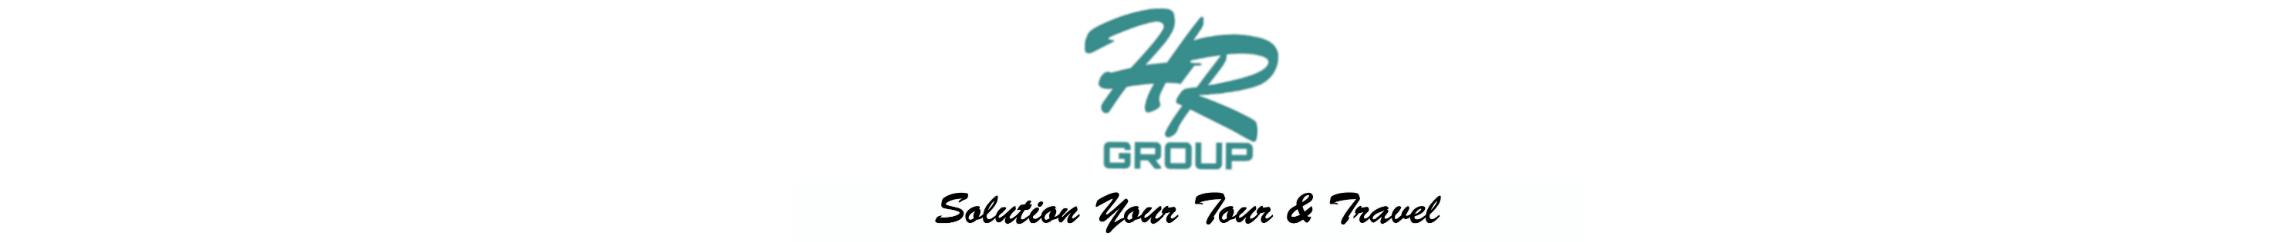 Pusat Wisata Bromo dan Sekitarnya|Paket Wisata Bromo|Penginapan di Bromo|Sewa Jeep Bromo|Rent Car